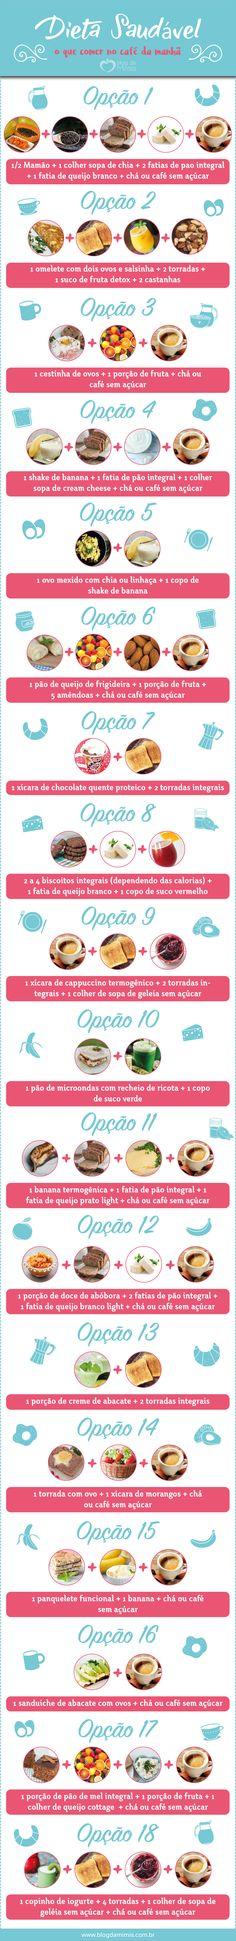 Dieta saudável: o qu